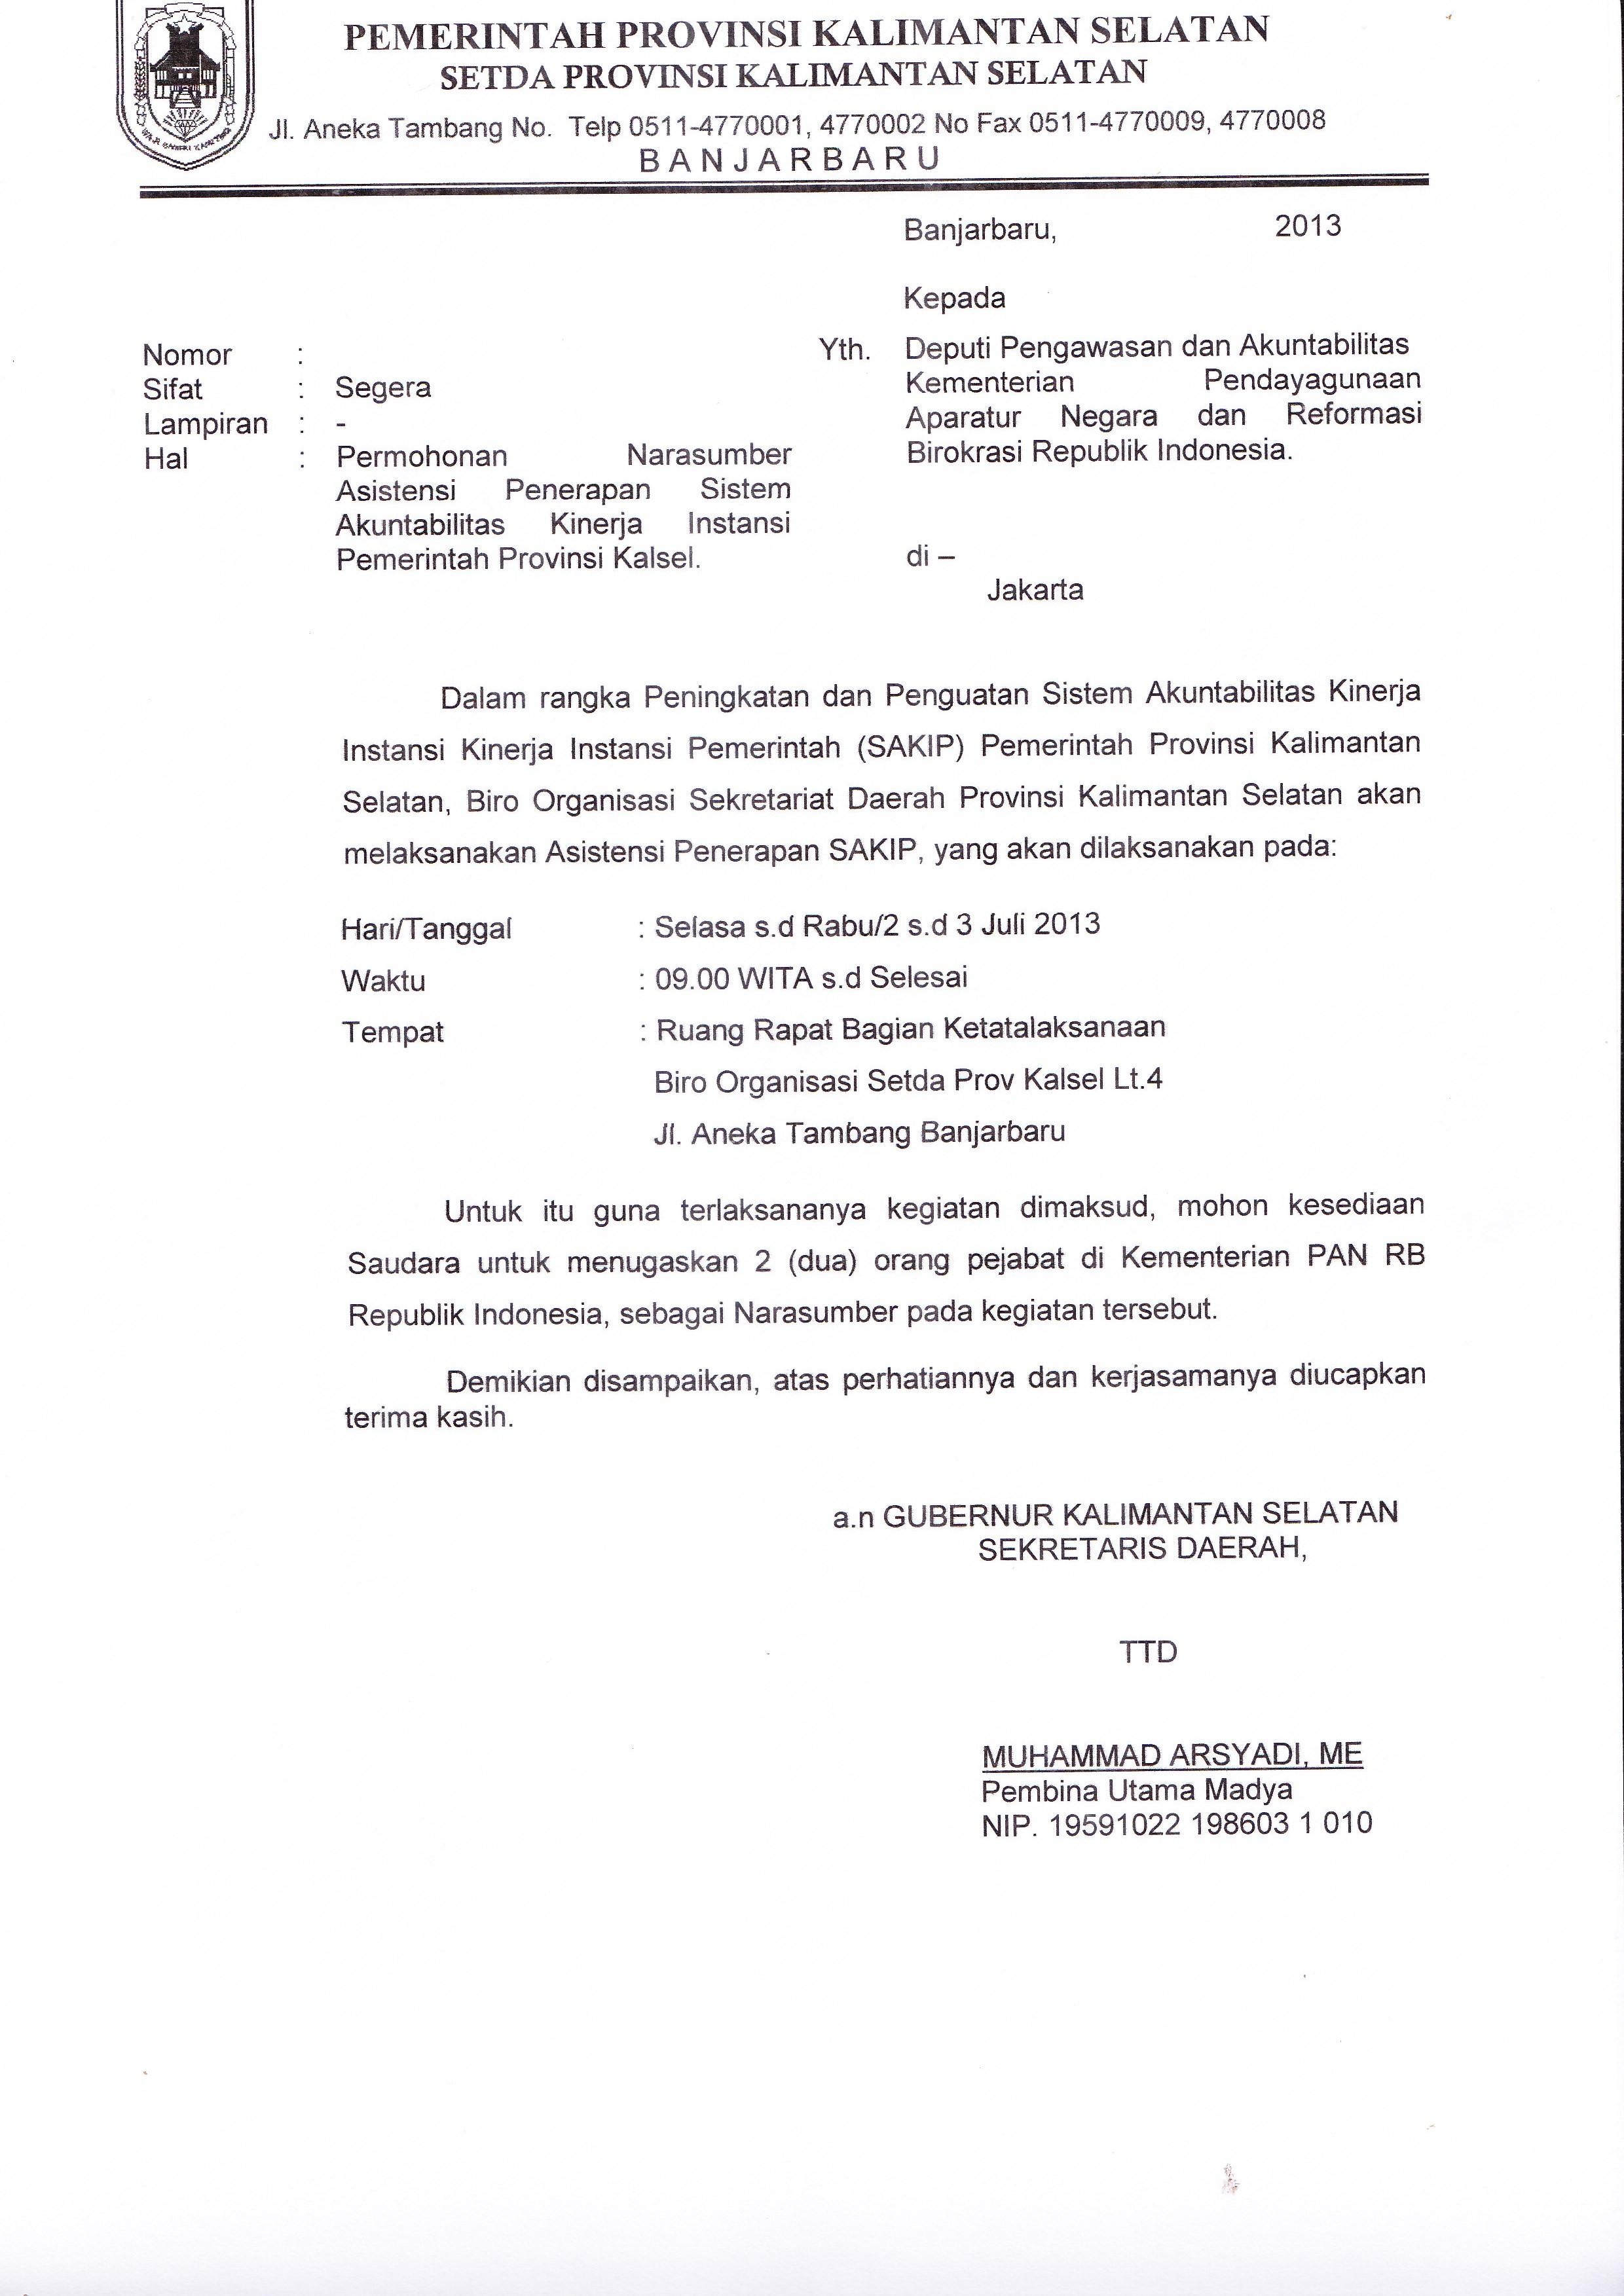 Contoh Surat Biasa Tatalaksana Kalsel